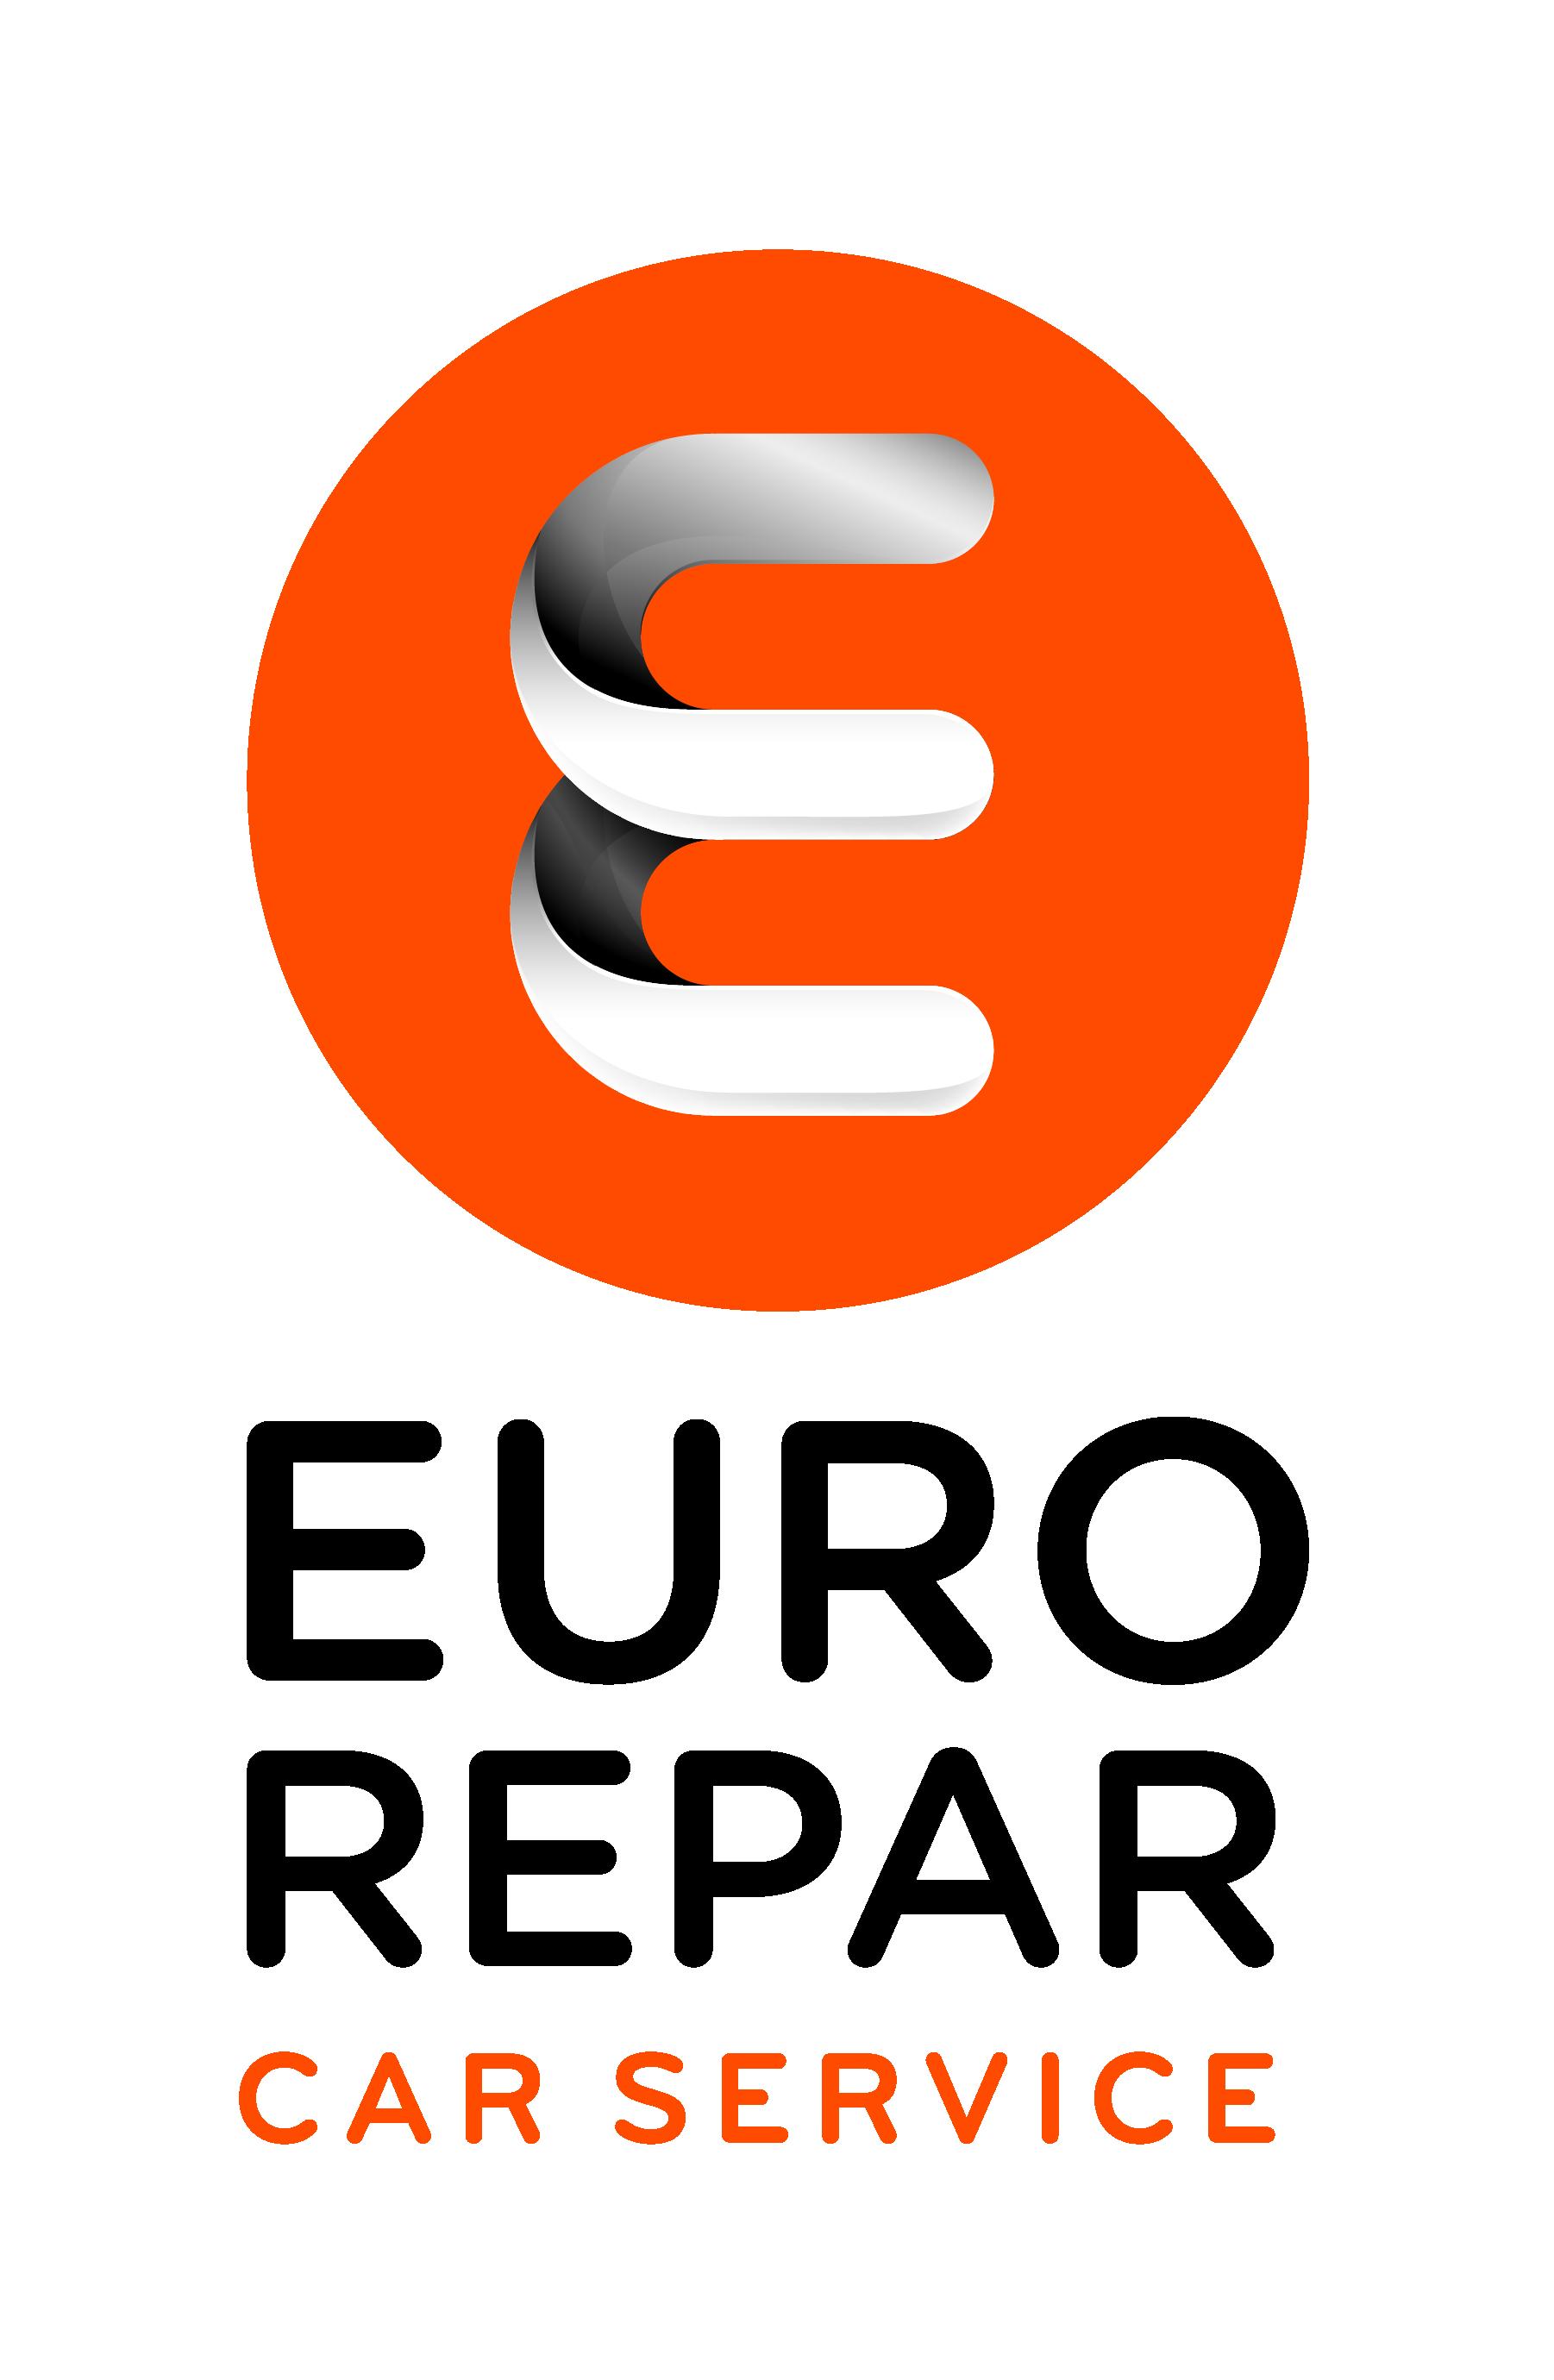 Eurorepar logo